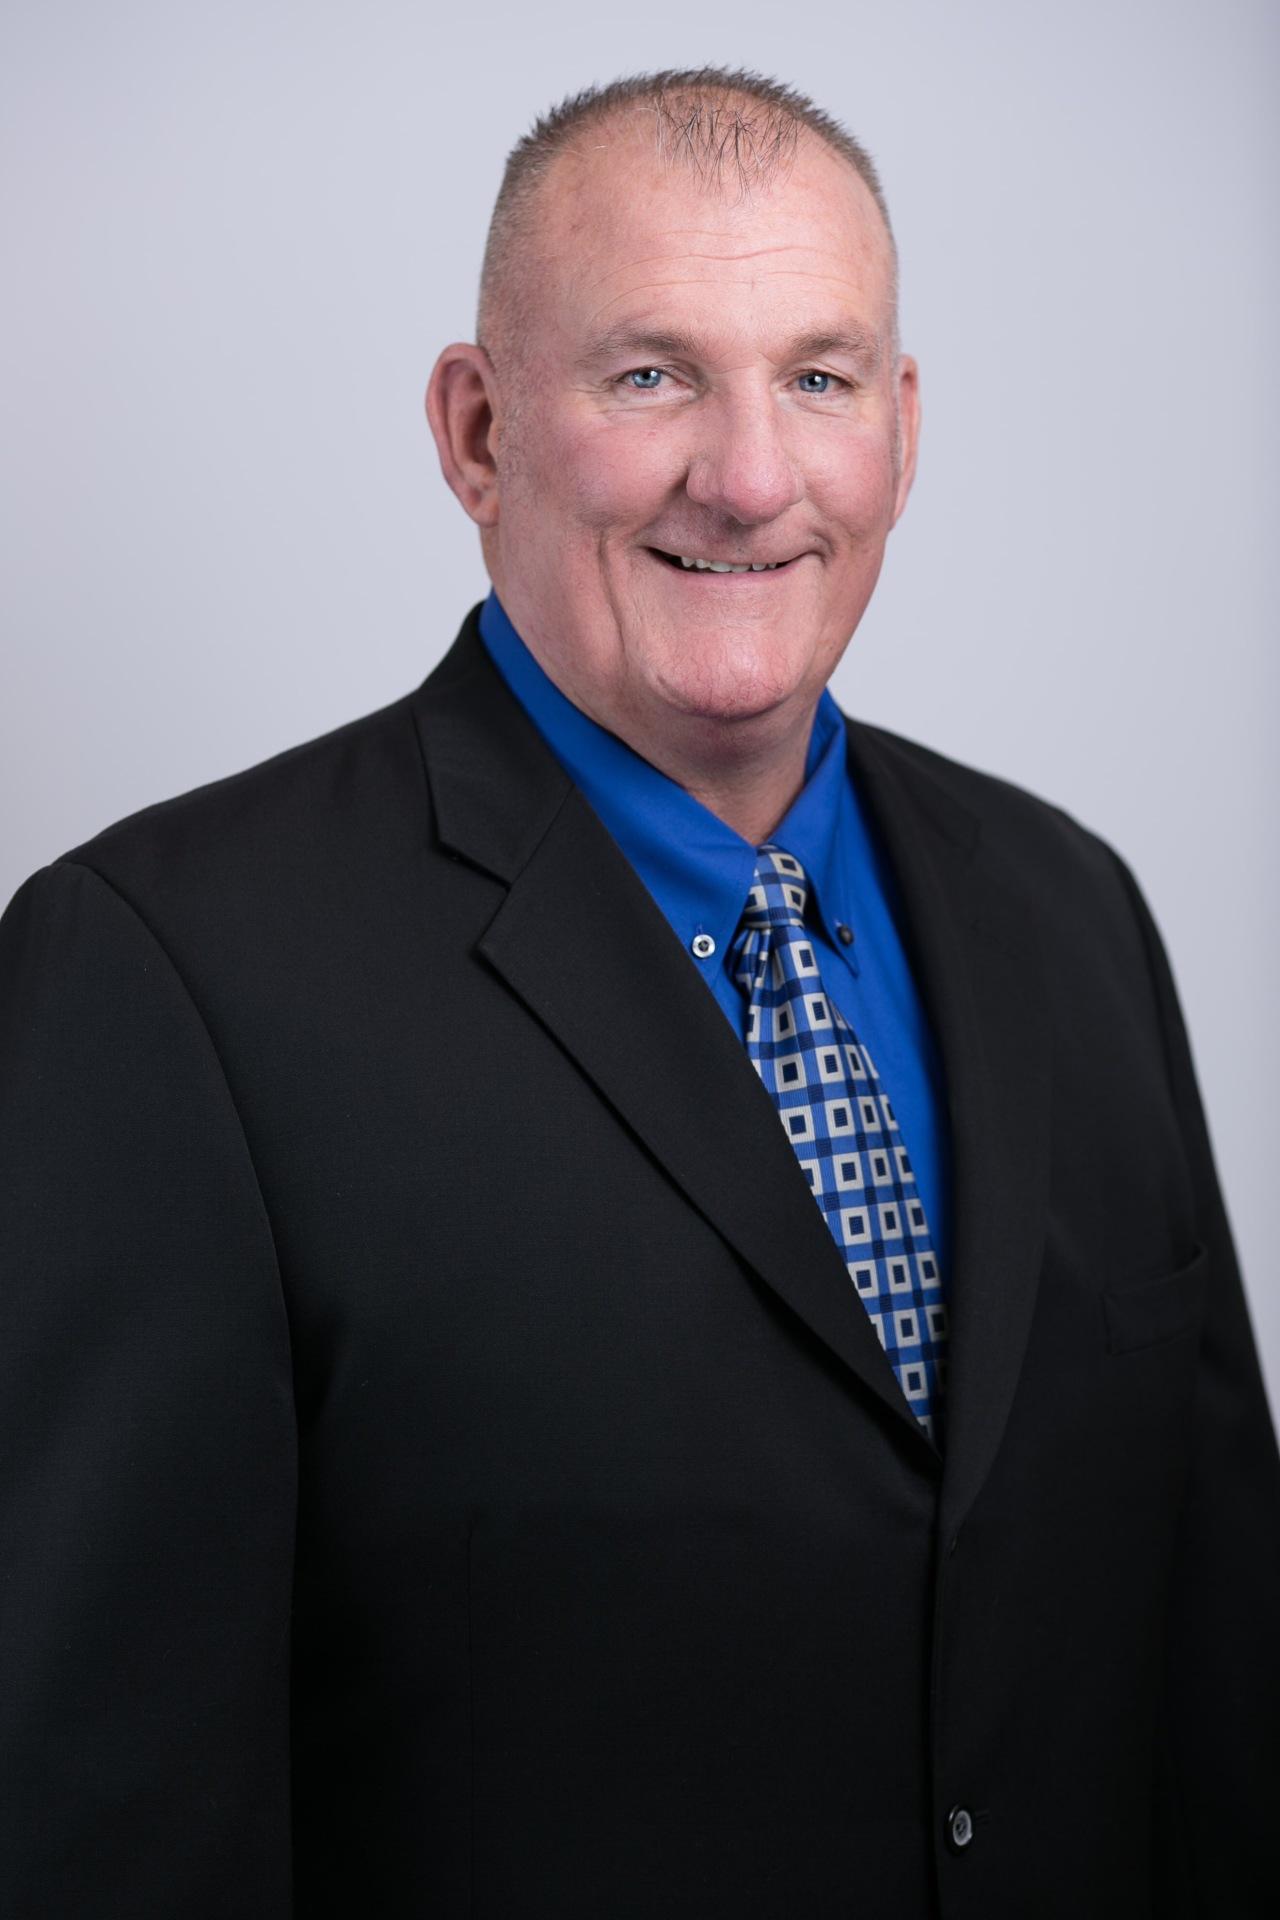 Gregg M. Moran - Relationship Manager